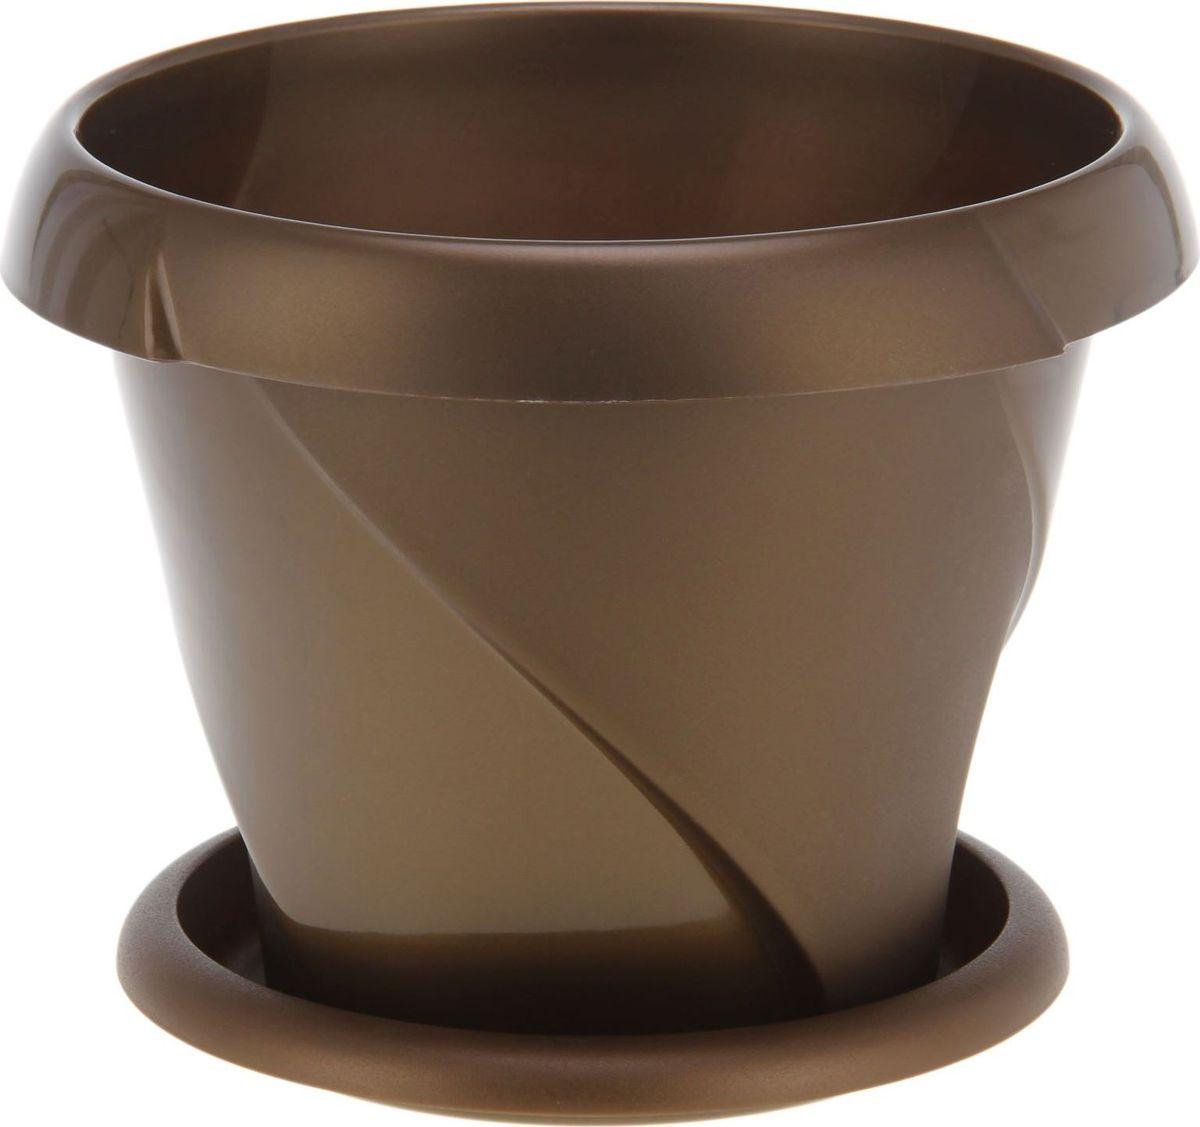 Кашпо Martika Флориана, с поддоном, цвет: золотистый, 9,2 л1355400Любой, даже самый современный и продуманный интерьер будет не завершённым без растений. Они не только очищают воздух и насыщают его кислородом, но и заметно украшают окружающее пространство. Такому полезному &laquo члену семьи&raquoпросто необходимо красивое и функциональное кашпо, оригинальный горшок или необычная ваза! Мы предлагаем - Кашпо с поддонником 9,2 л Флориана, d=31,5 см, цвет золотой!Оптимальный выбор материала &mdash &nbsp пластмасса! Почему мы так считаем? Малый вес. С лёгкостью переносите горшки и кашпо с места на место, ставьте их на столики или полки, подвешивайте под потолок, не беспокоясь о нагрузке. Простота ухода. Пластиковые изделия не нуждаются в специальных условиях хранения. Их&nbsp легко чистить &mdashдостаточно просто сполоснуть тёплой водой. Никаких царапин. Пластиковые кашпо не царапают и не загрязняют поверхности, на которых стоят. Пластик дольше хранит влагу, а значит &mdashрастение реже нуждается в поливе. Пластмасса не пропускает воздух &mdashкорневой системе растения не грозят резкие перепады температур. Огромный выбор форм, декора и расцветок &mdashвы без труда подберёте что-то, что идеально впишется в уже существующий интерьер.Соблюдая нехитрые правила ухода, вы можете заметно продлить срок службы горшков, вазонов и кашпо из пластика: всегда учитывайте размер кроны и корневой системы растения (при разрастании большое растение способно повредить маленький горшок)берегите изделие от воздействия прямых солнечных лучей, чтобы кашпо и горшки не выцветалидержите кашпо и горшки из пластика подальше от нагревающихся поверхностей.Создавайте прекрасные цветочные композиции, выращивайте рассаду или необычные растения, а низкие цены позволят вам не ограничивать себя в выборе.